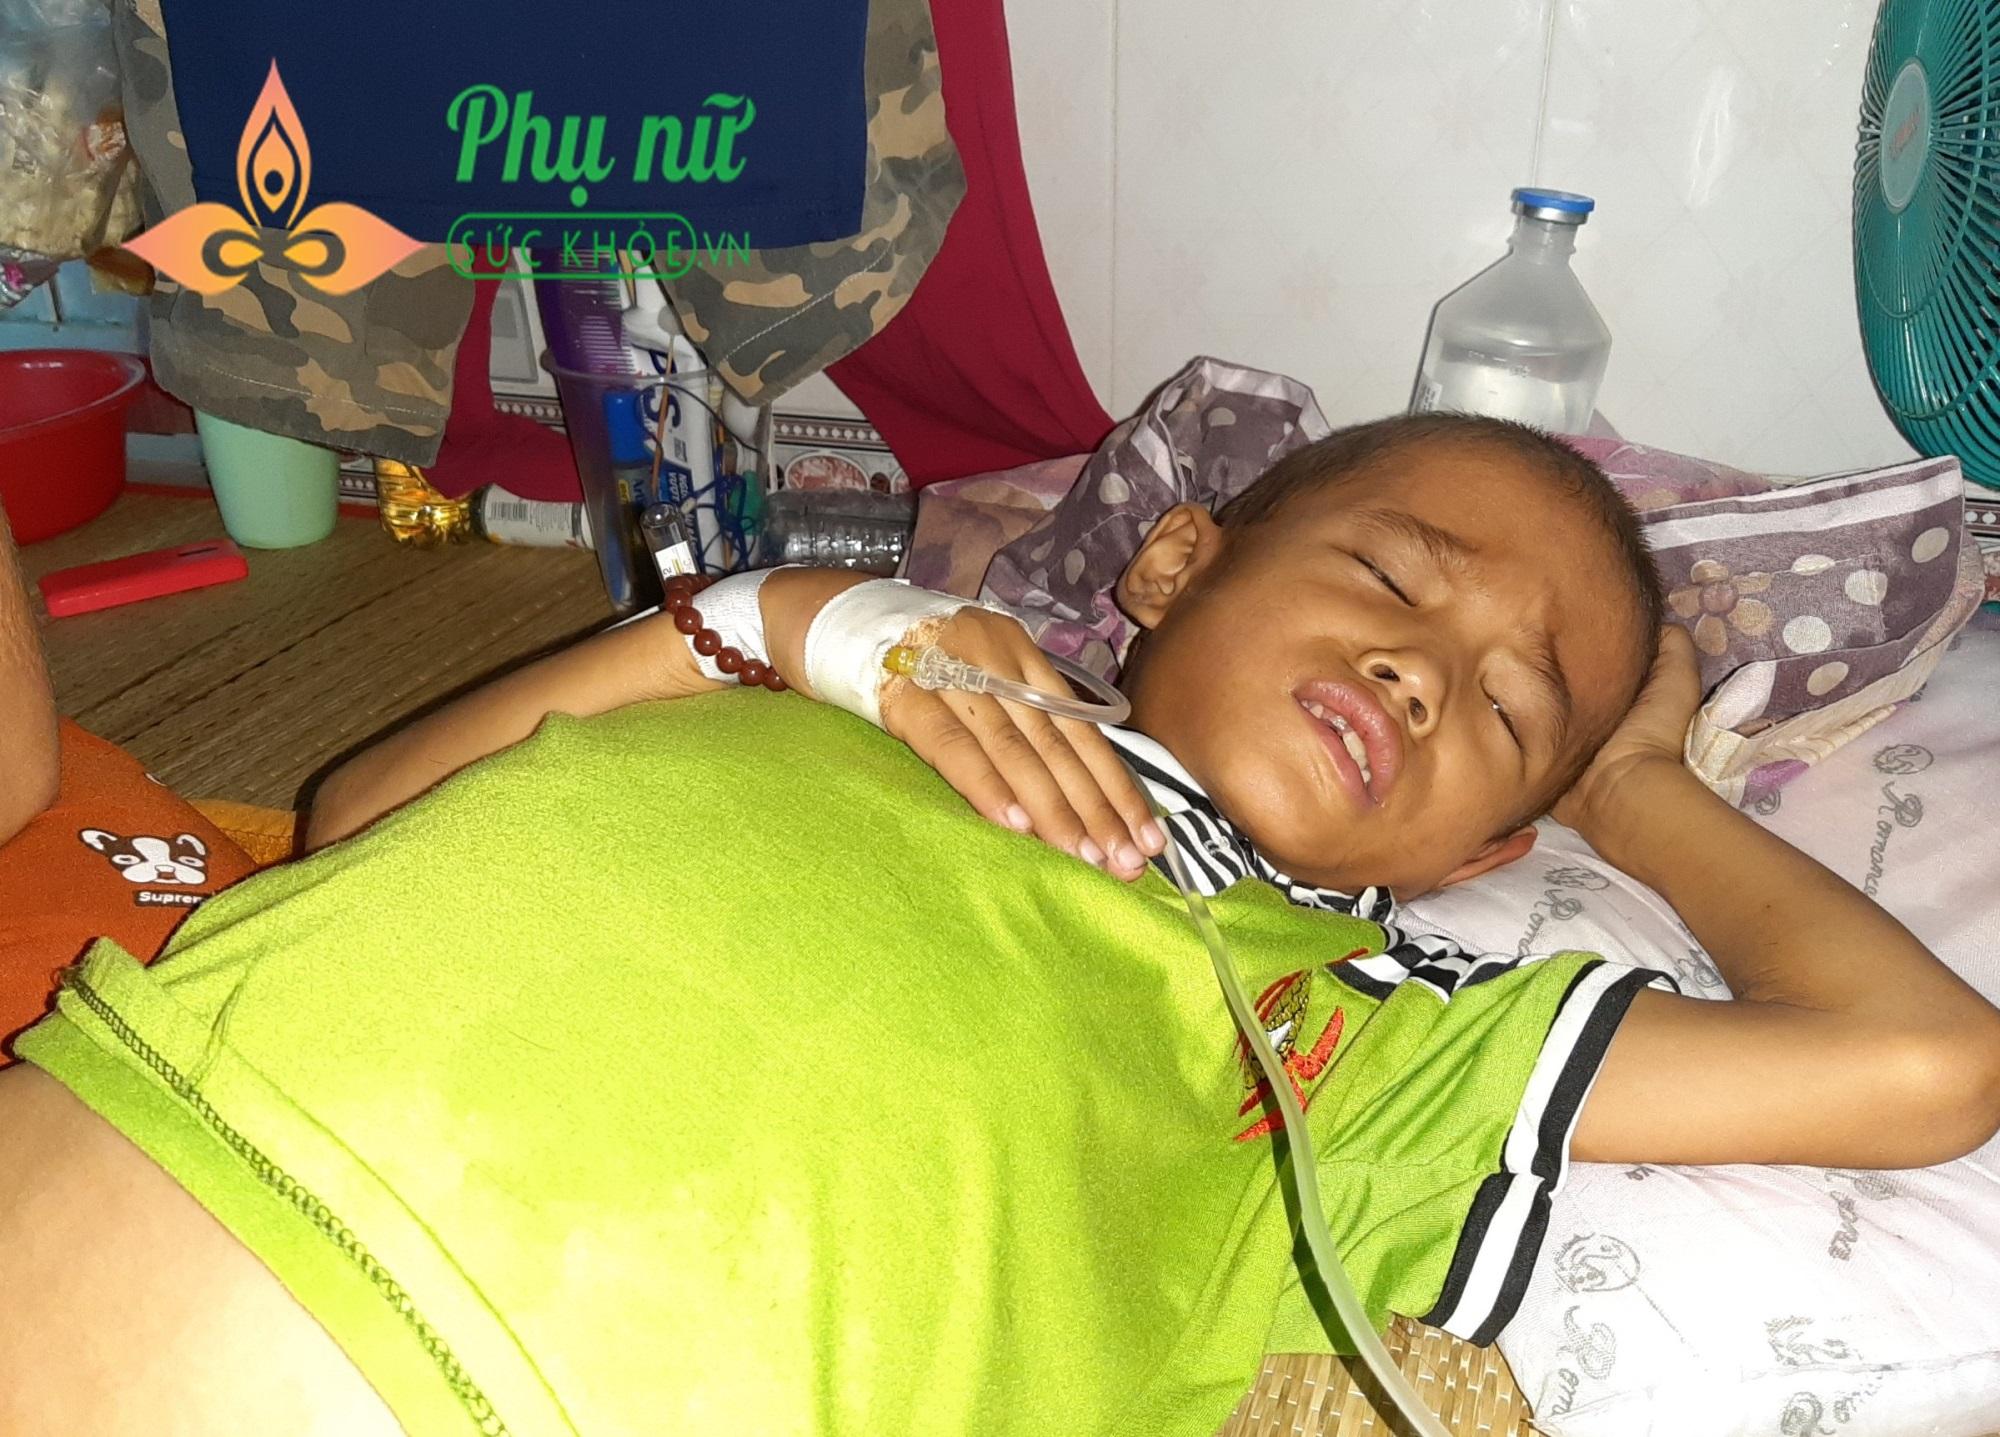 Xót xa bé trai bị bệnh ung thư xương, khắp người lở loét, oằn mình đau đớn chiến đấu với bệnh tật - Ảnh 3